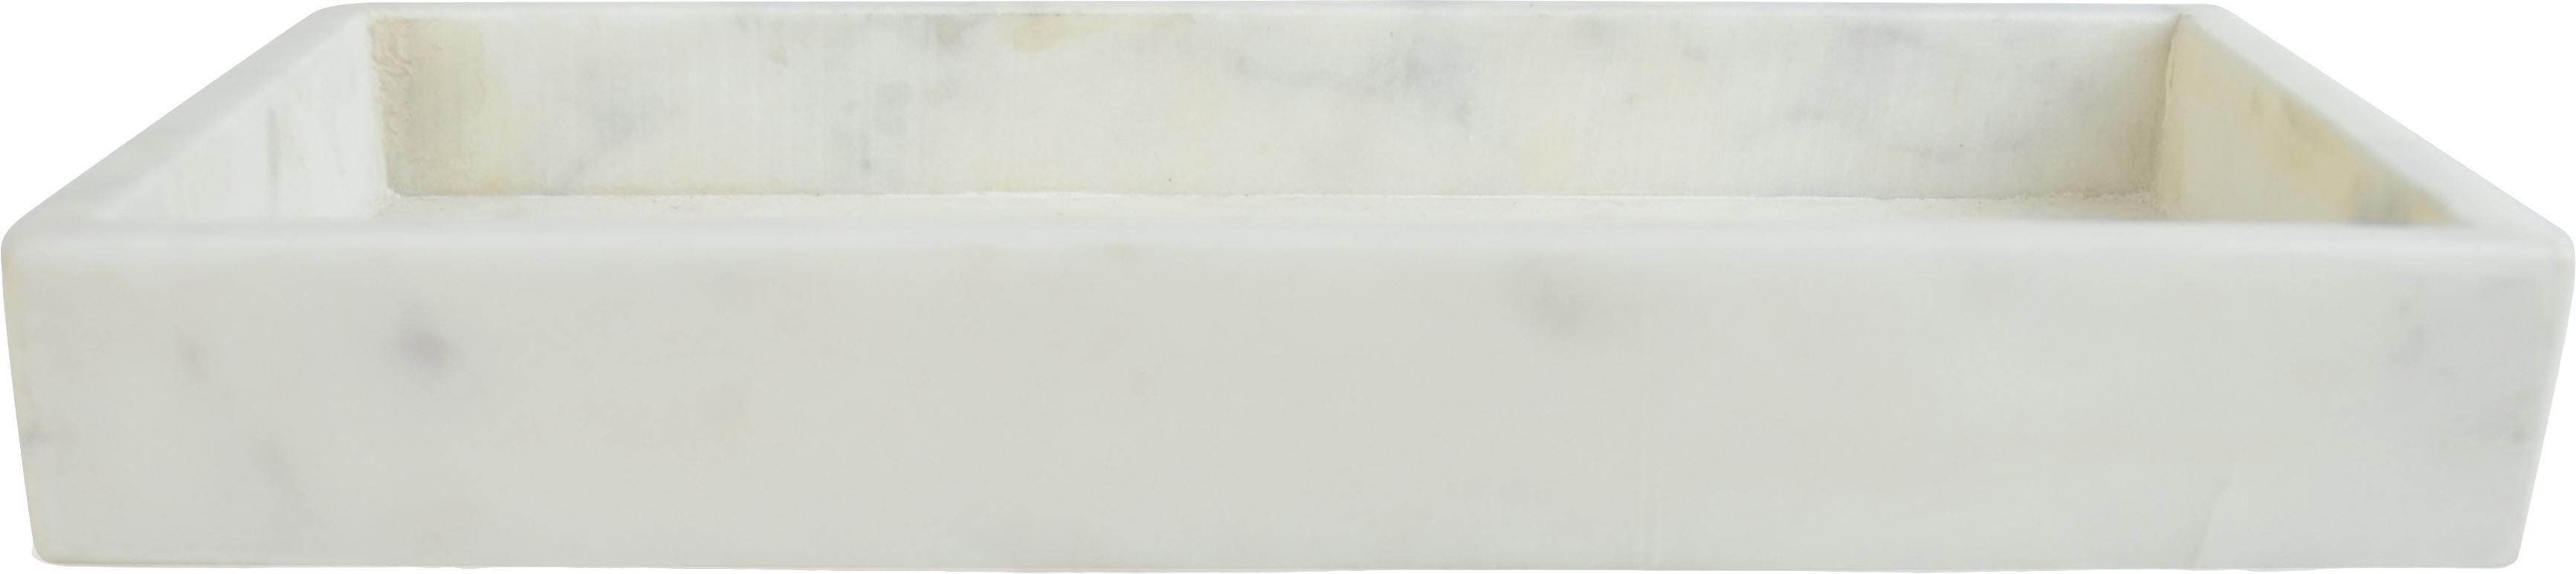 Decoratief marmeren dienblad Mera, Marmer, Gemarmerd wit, B 30 x D 15 cm